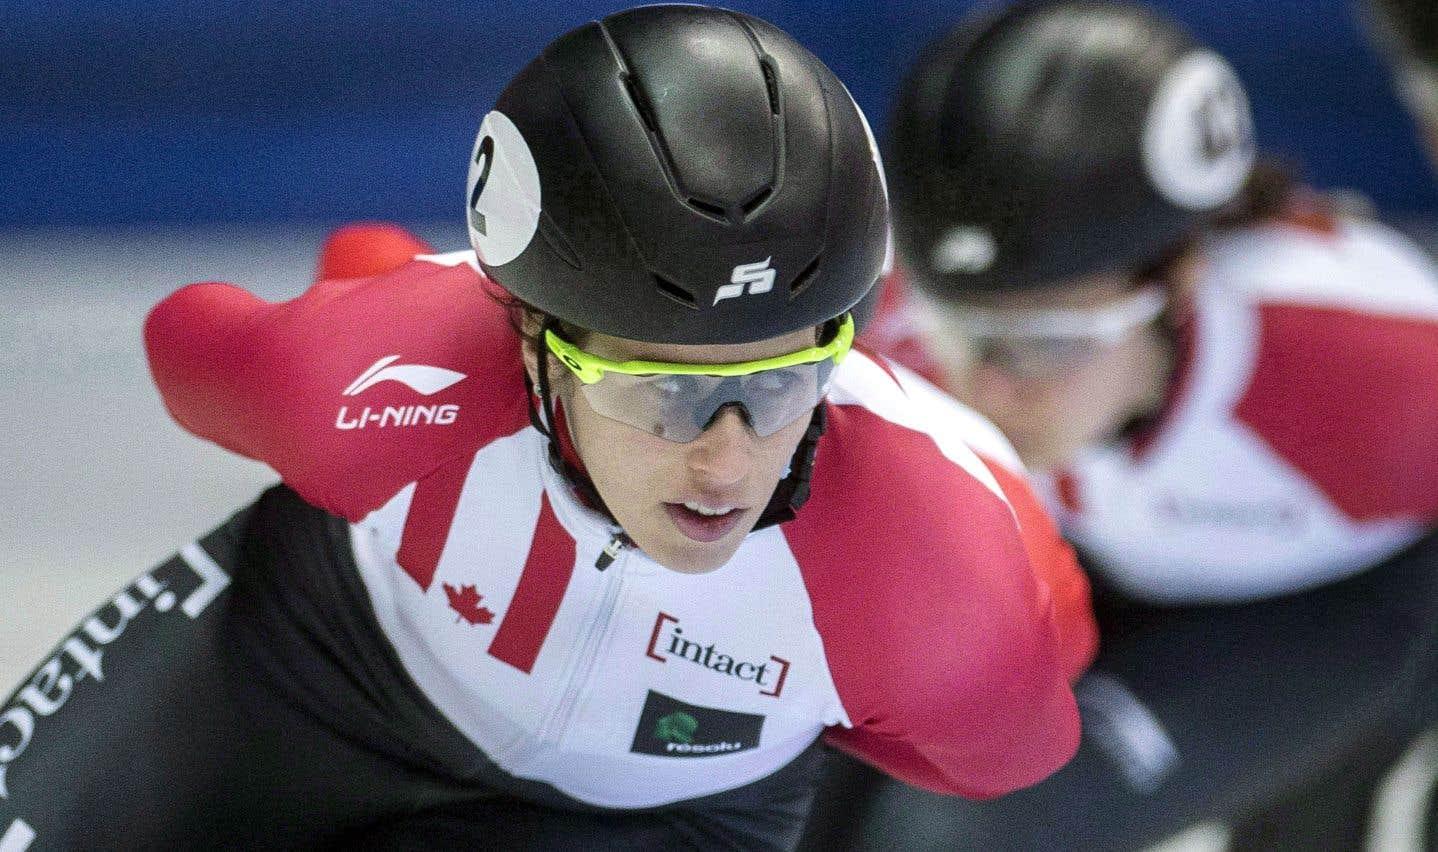 Expérience et fougue à l'oeuvre aux Jeux olympiques